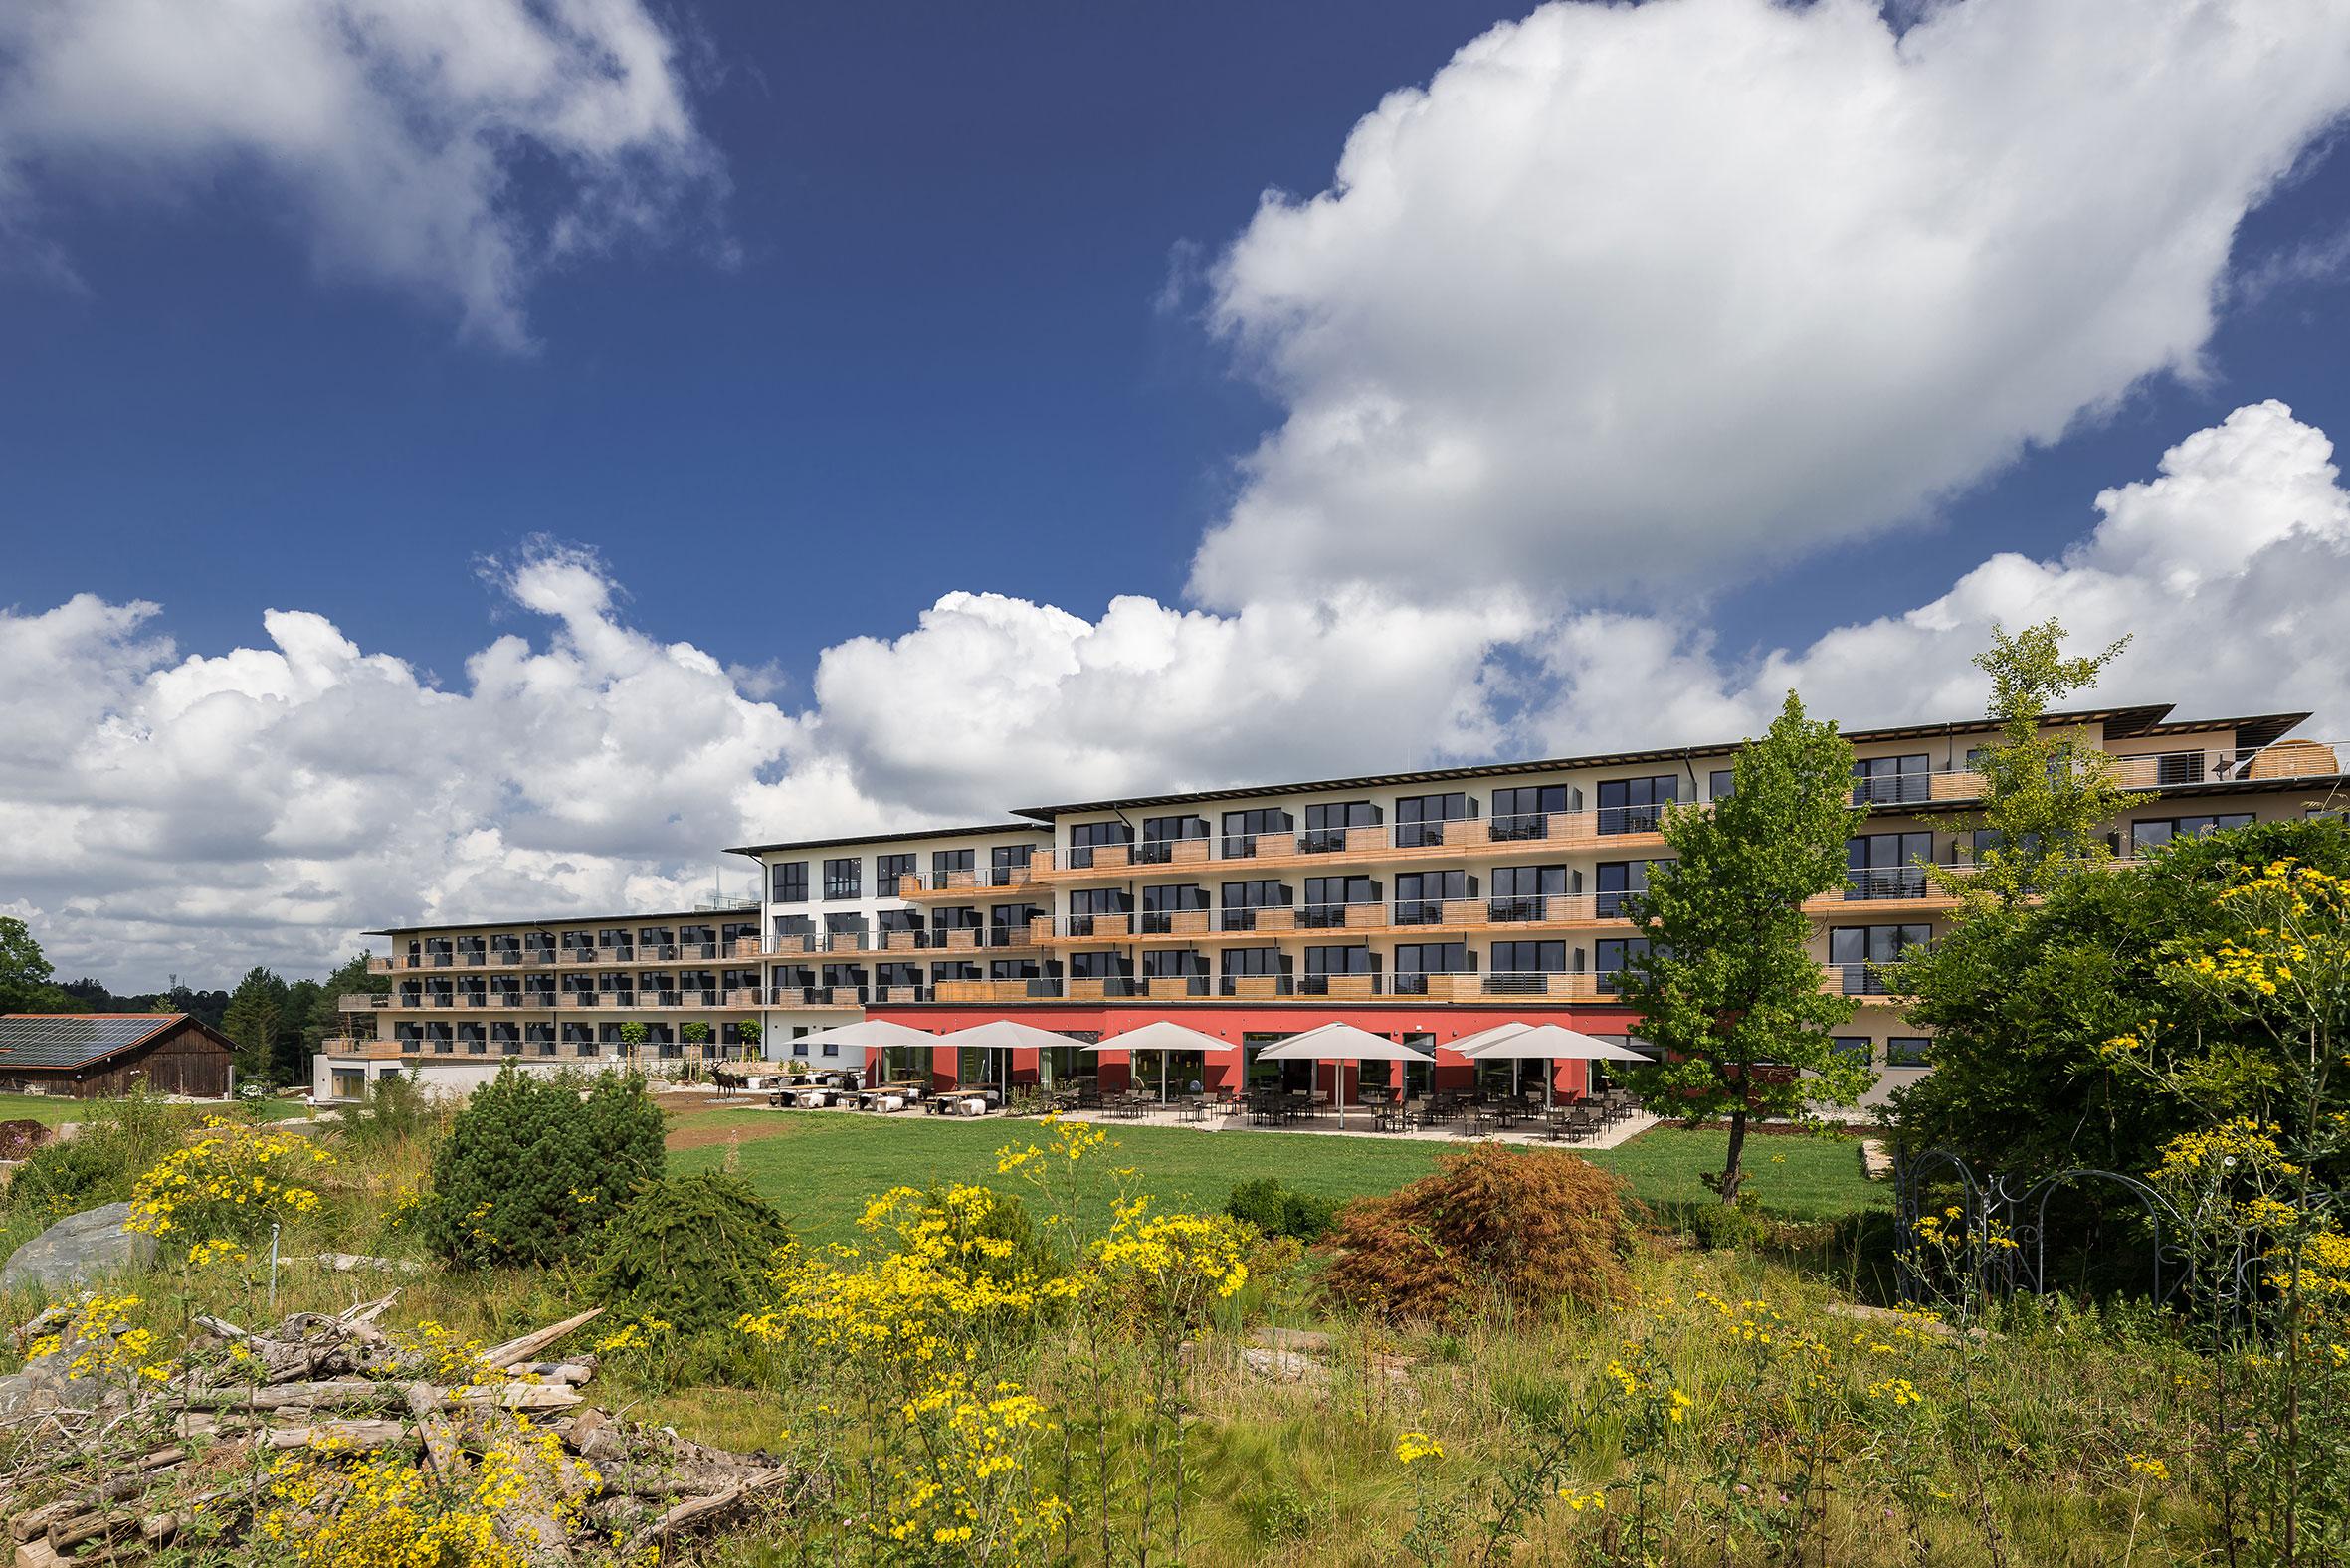 marktoberdorf-hotel-weitblick-low-8551